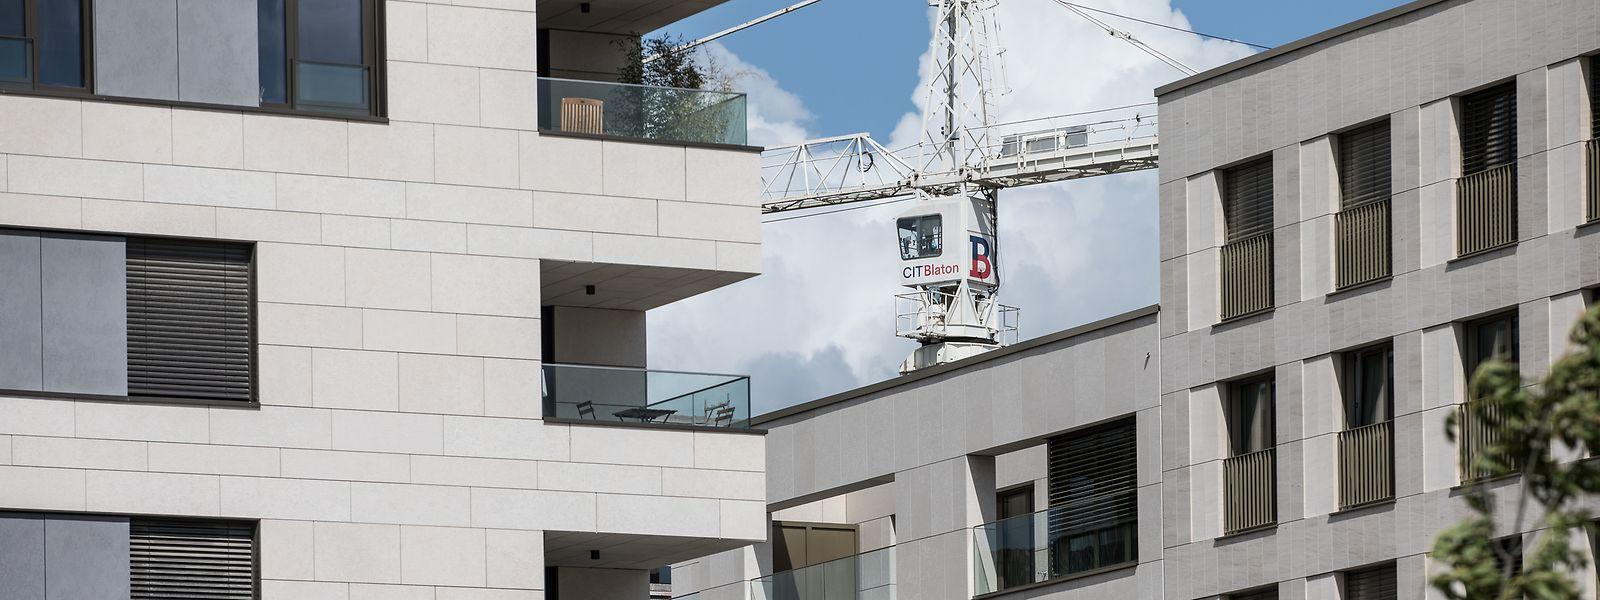 Die Immobilienpreise steigen ins Unermessliche, doch die Regierung tut nichts dagegen.